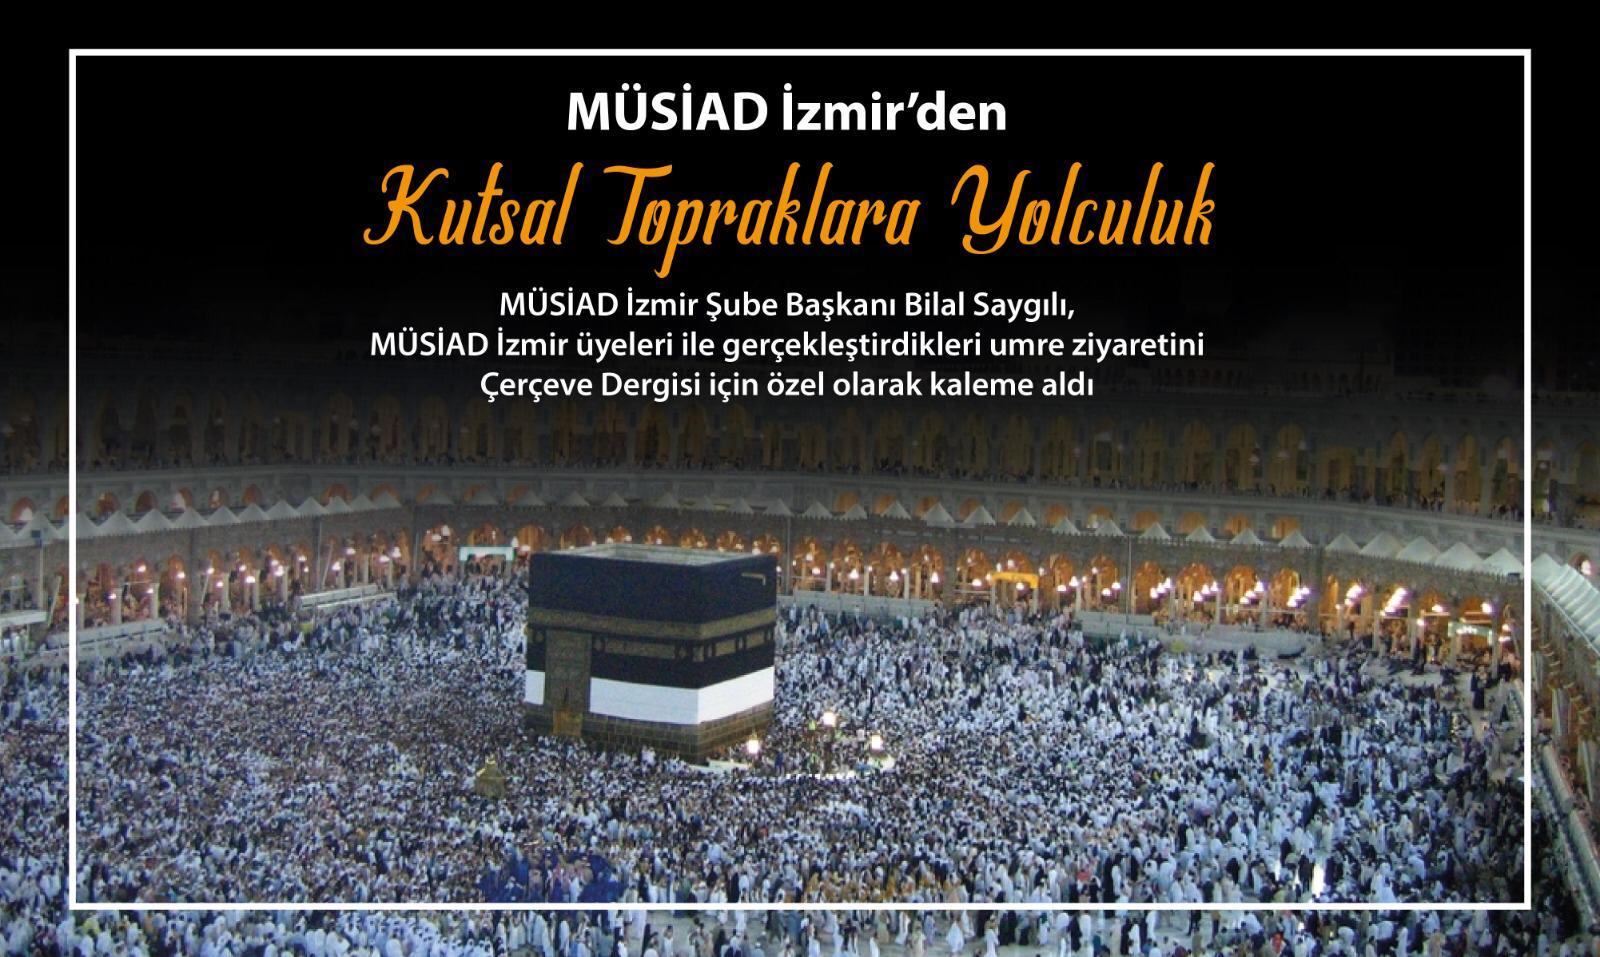 MÜSİAD İZMİR'DEN KUTSAL TOPRAKLARA YOLCULUK